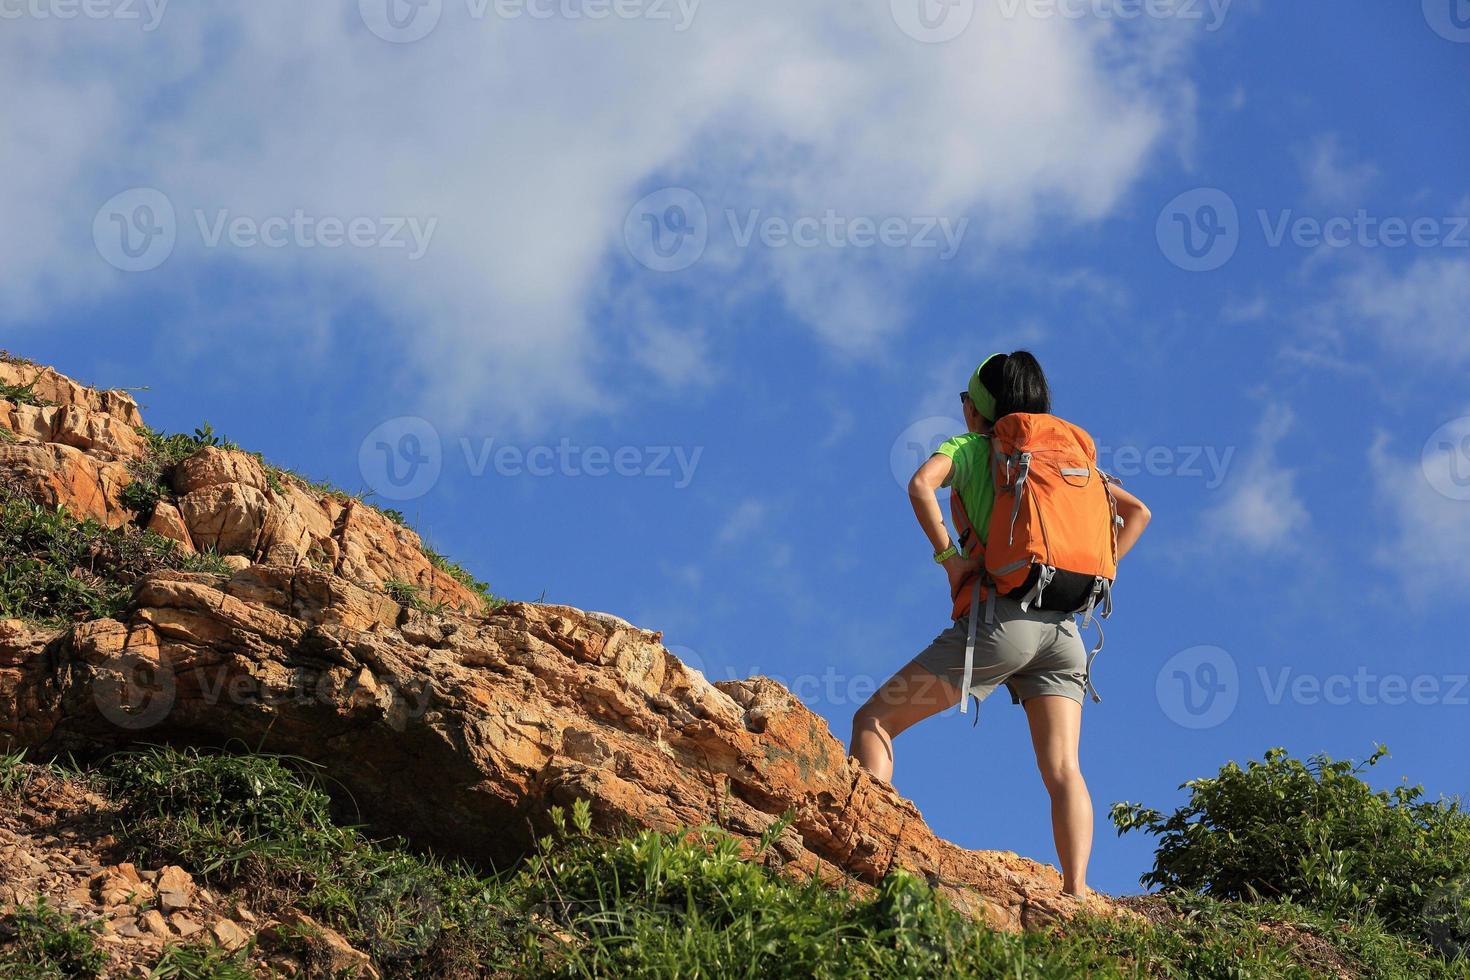 jubelnde junge Frau Backpacker genießen Sie die Aussicht auf Berggipfel foto